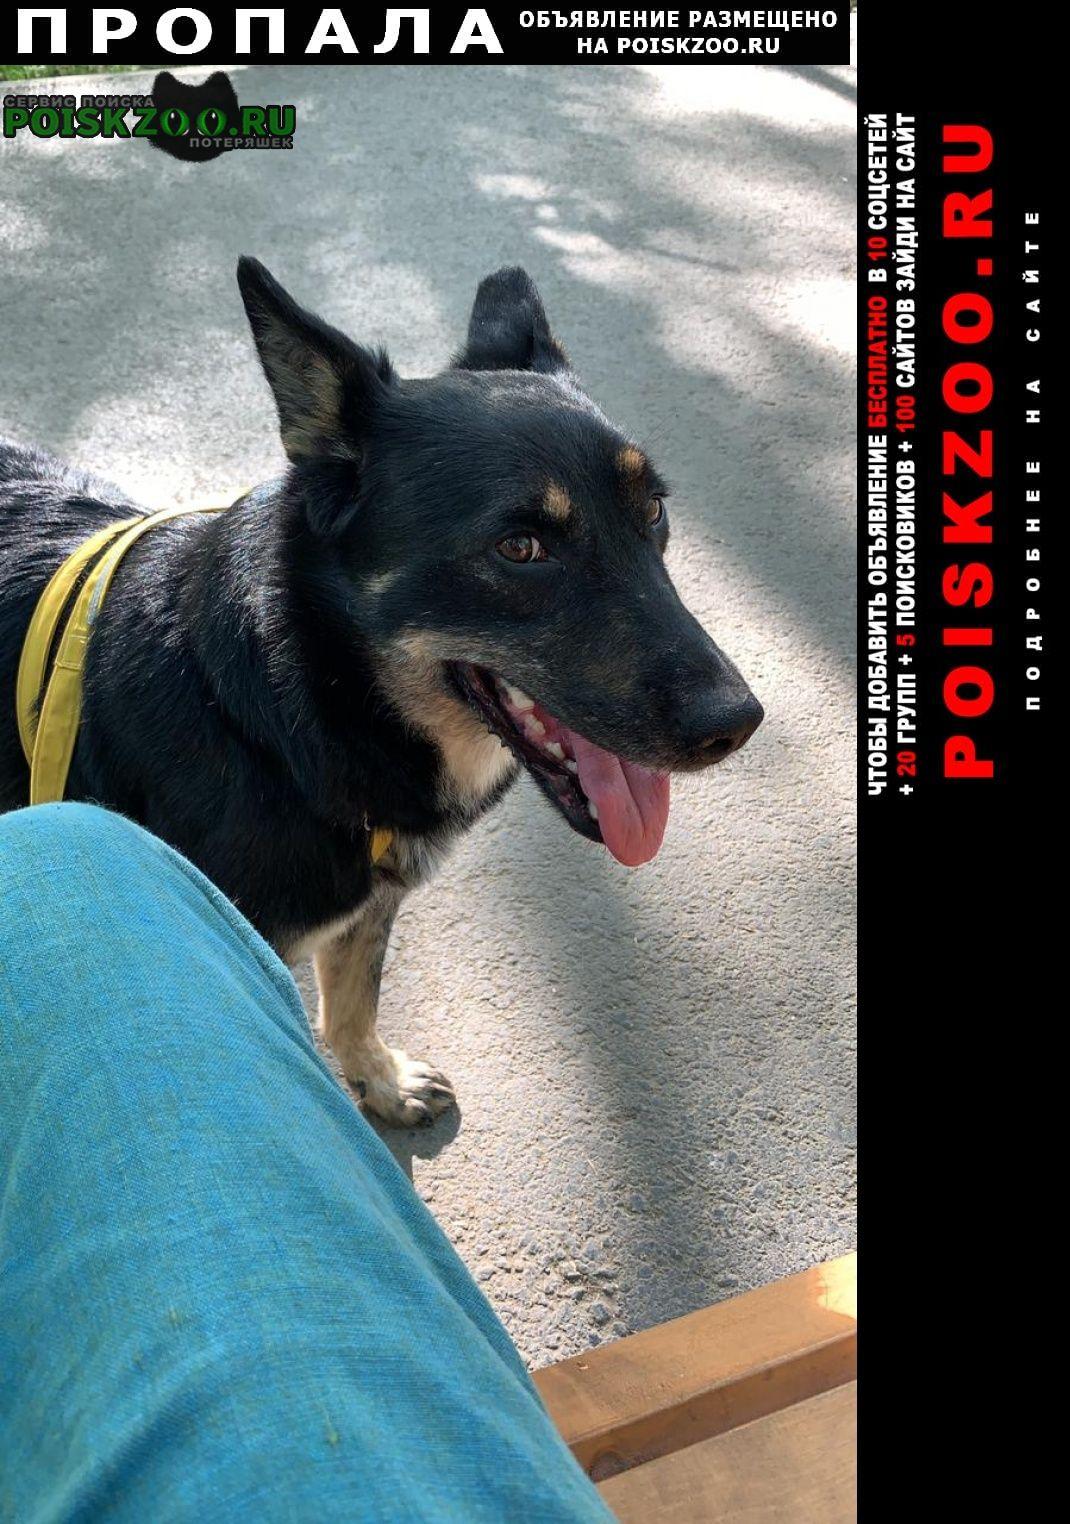 Пропала собака вознаграждение 2000 Екатеринбург